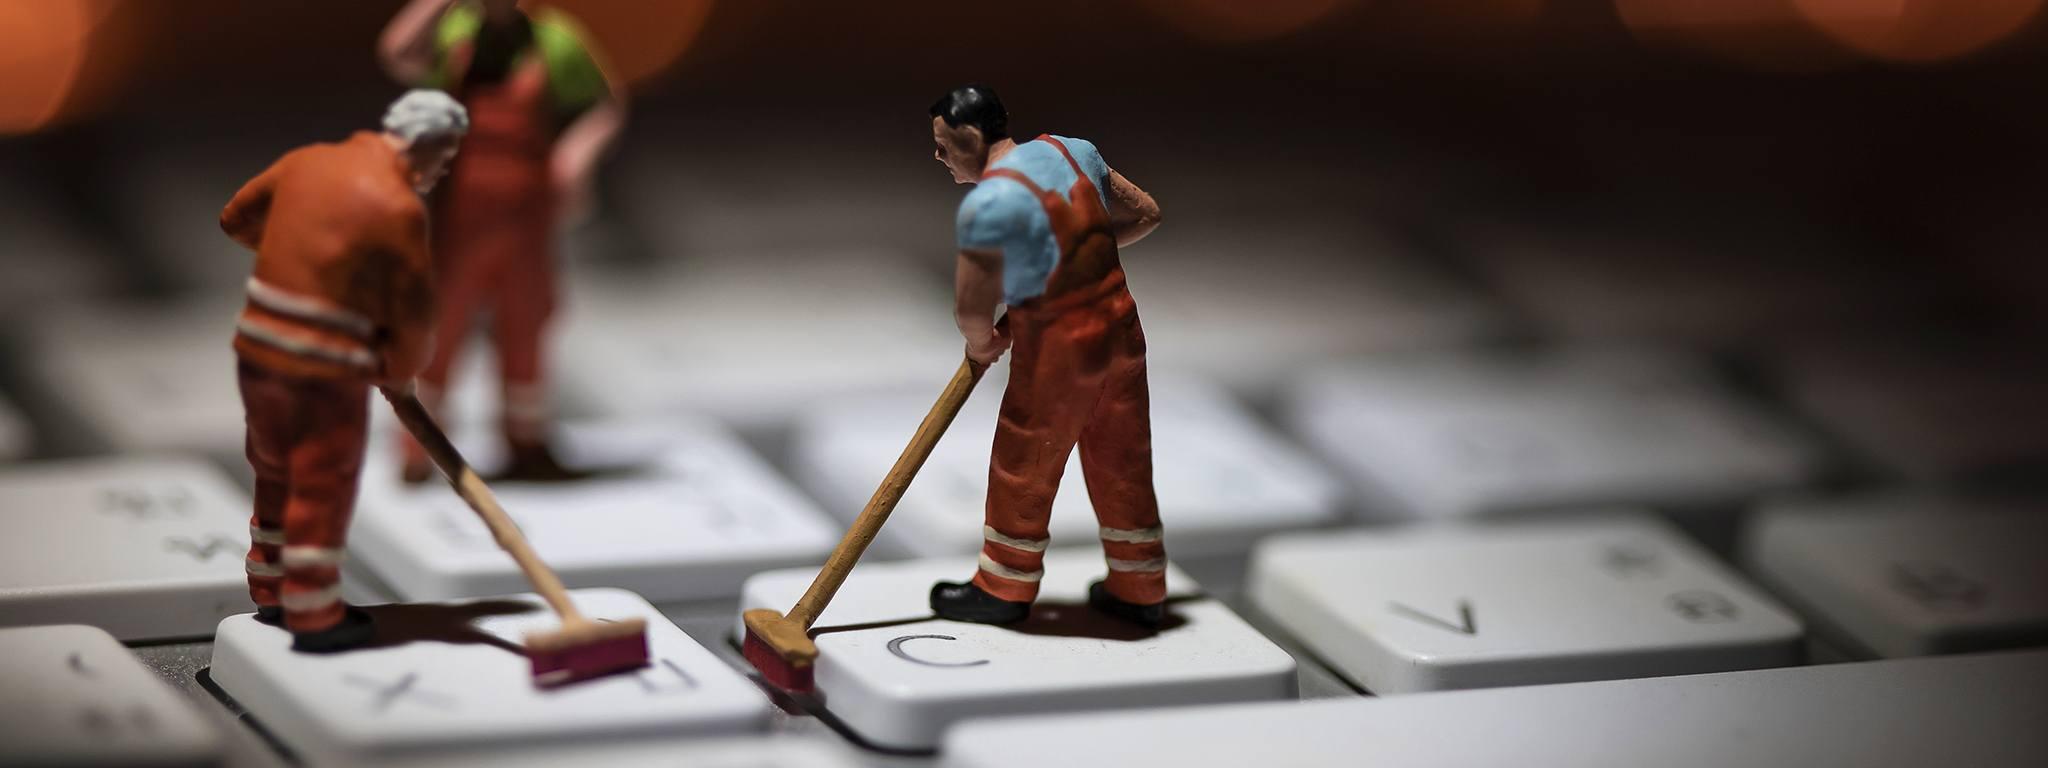 Mini-personnes nettoyant un clavier blanc avec lampes clignotantes orange en arrière-plan